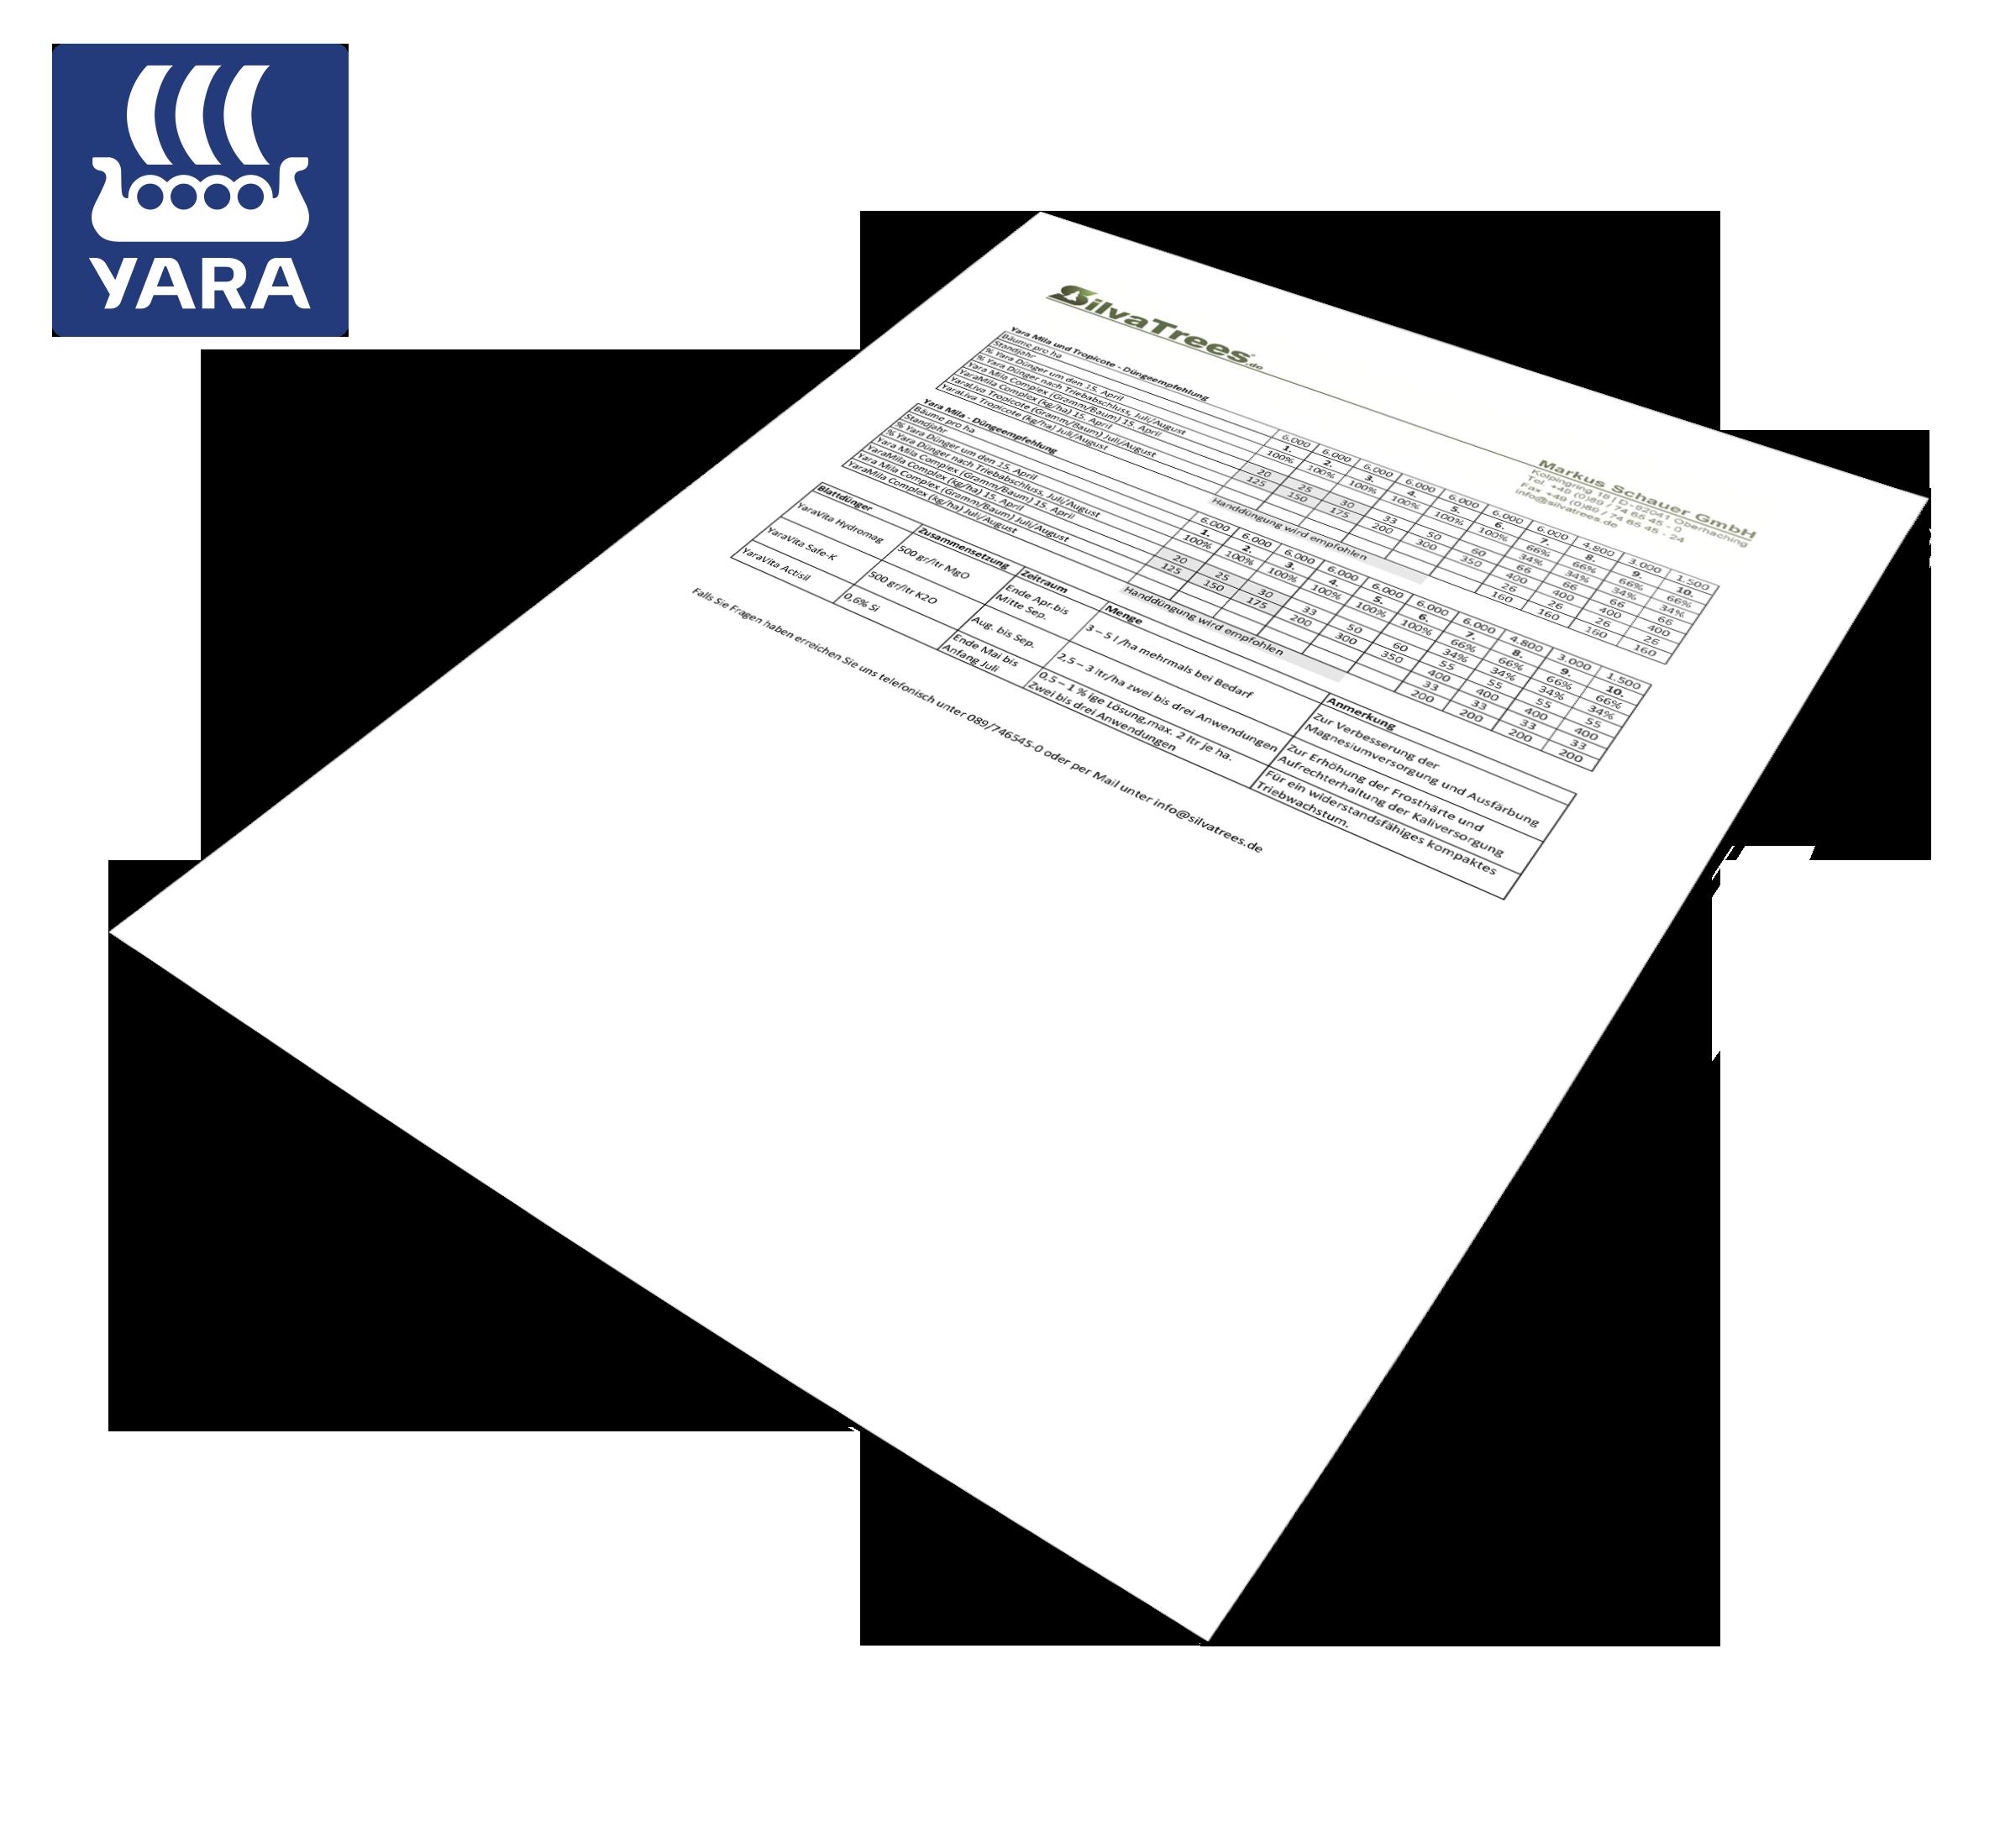 Yara_Duengeempfehlung02